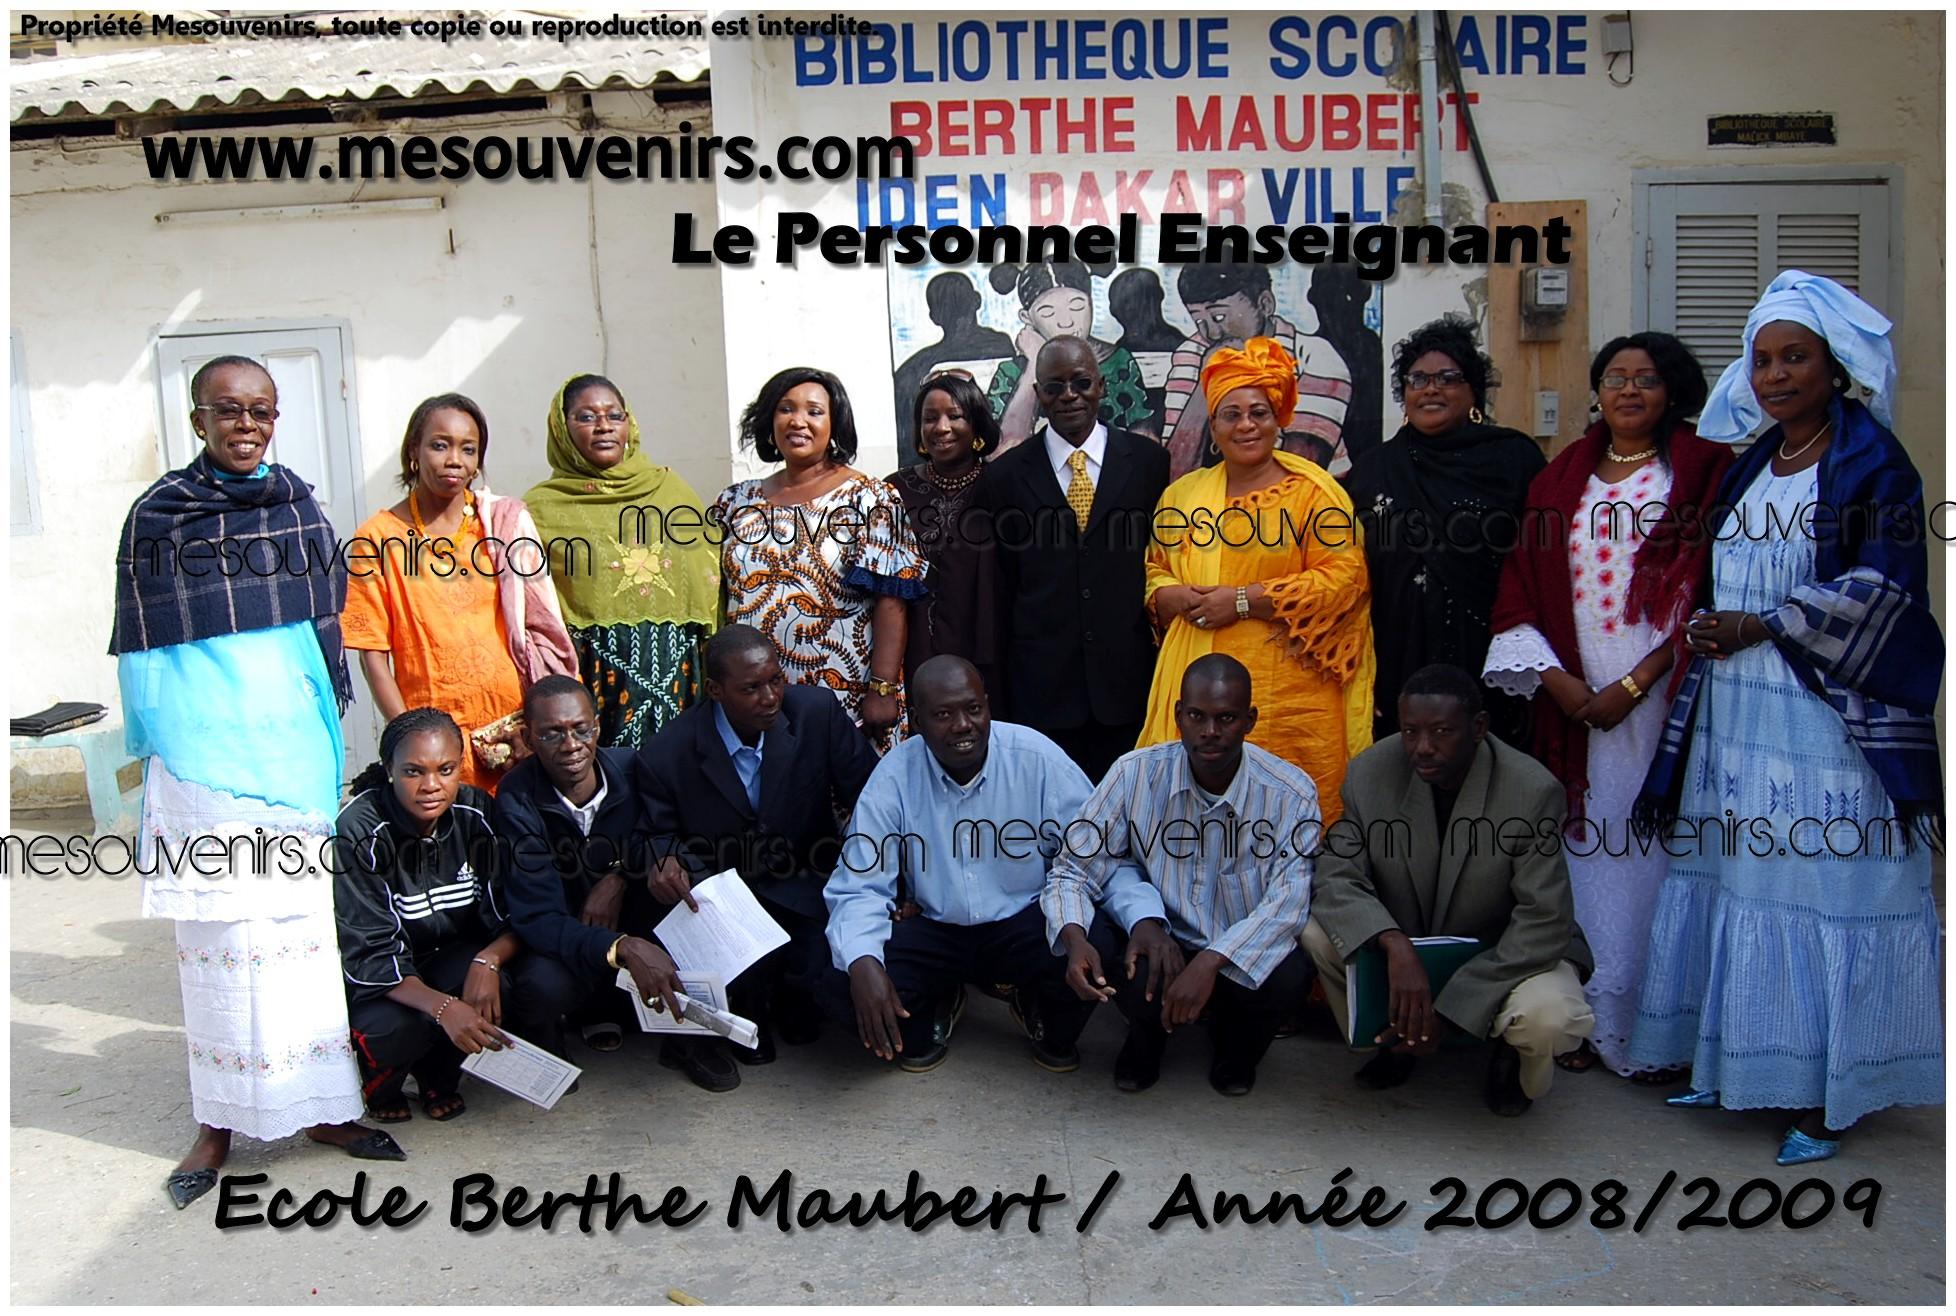 Berthe Maubert 2008 2009 Personnel